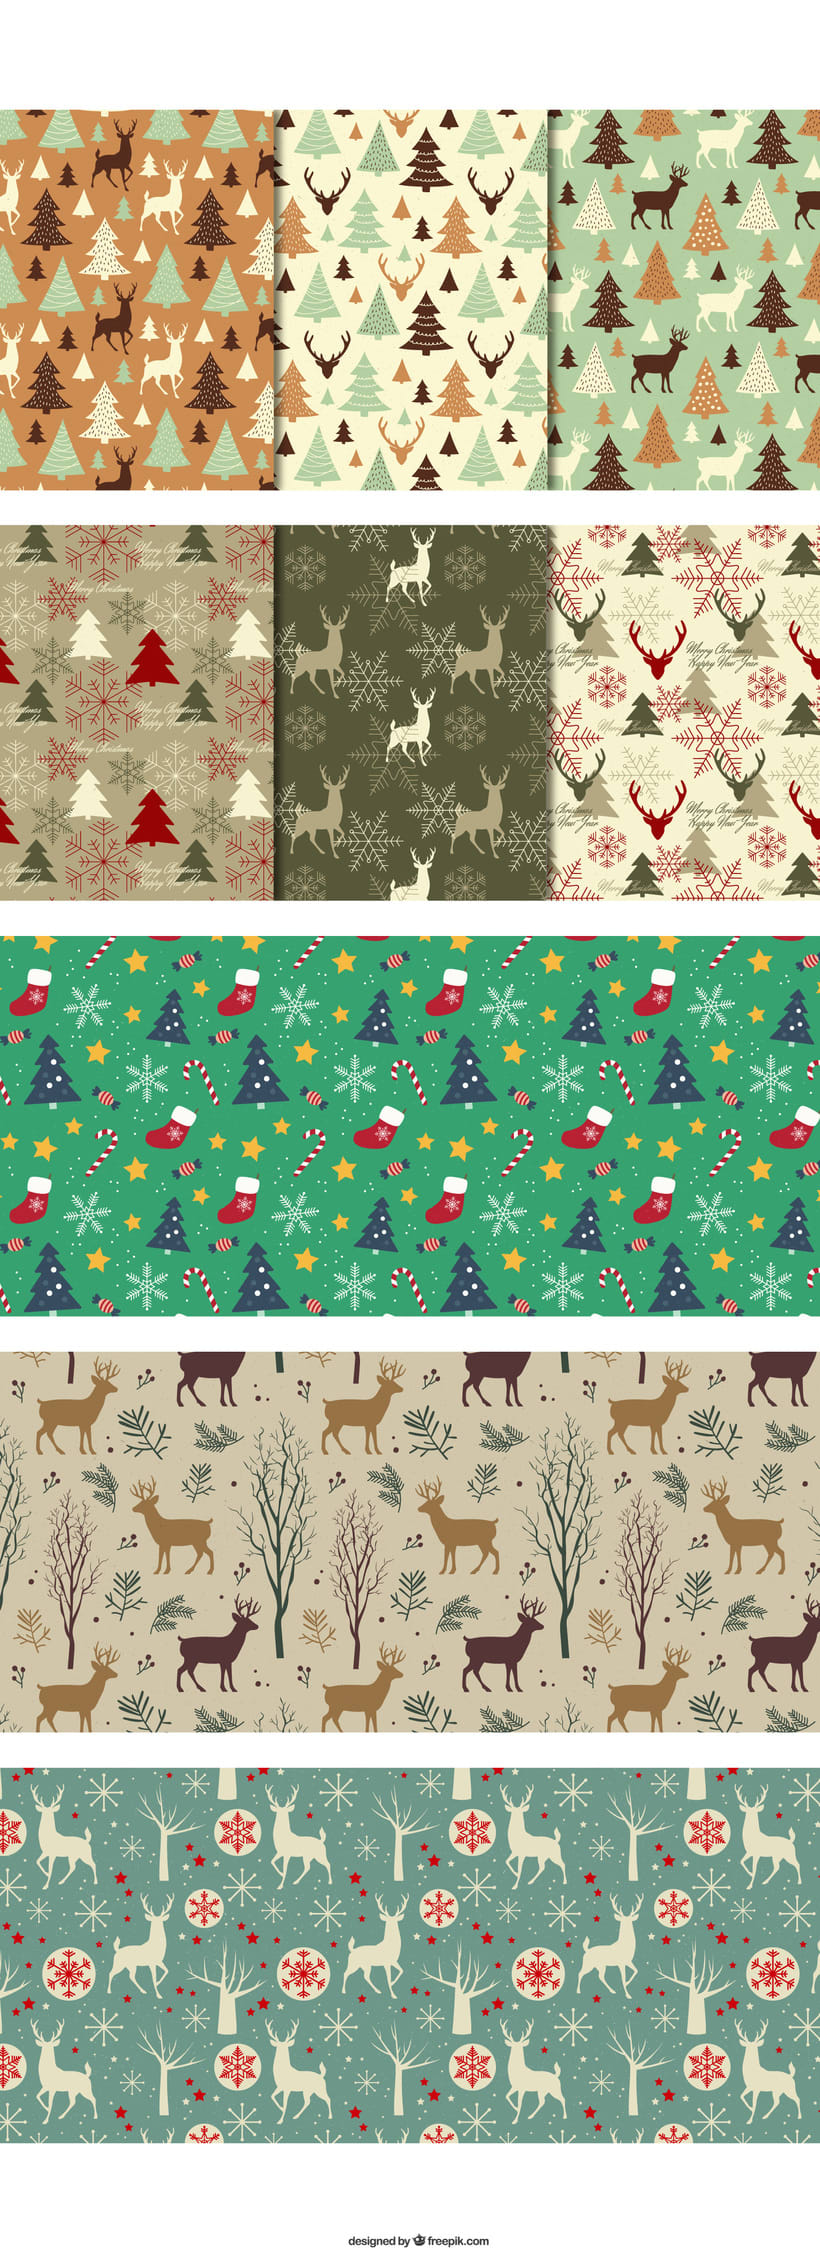 Patrones navideños 1